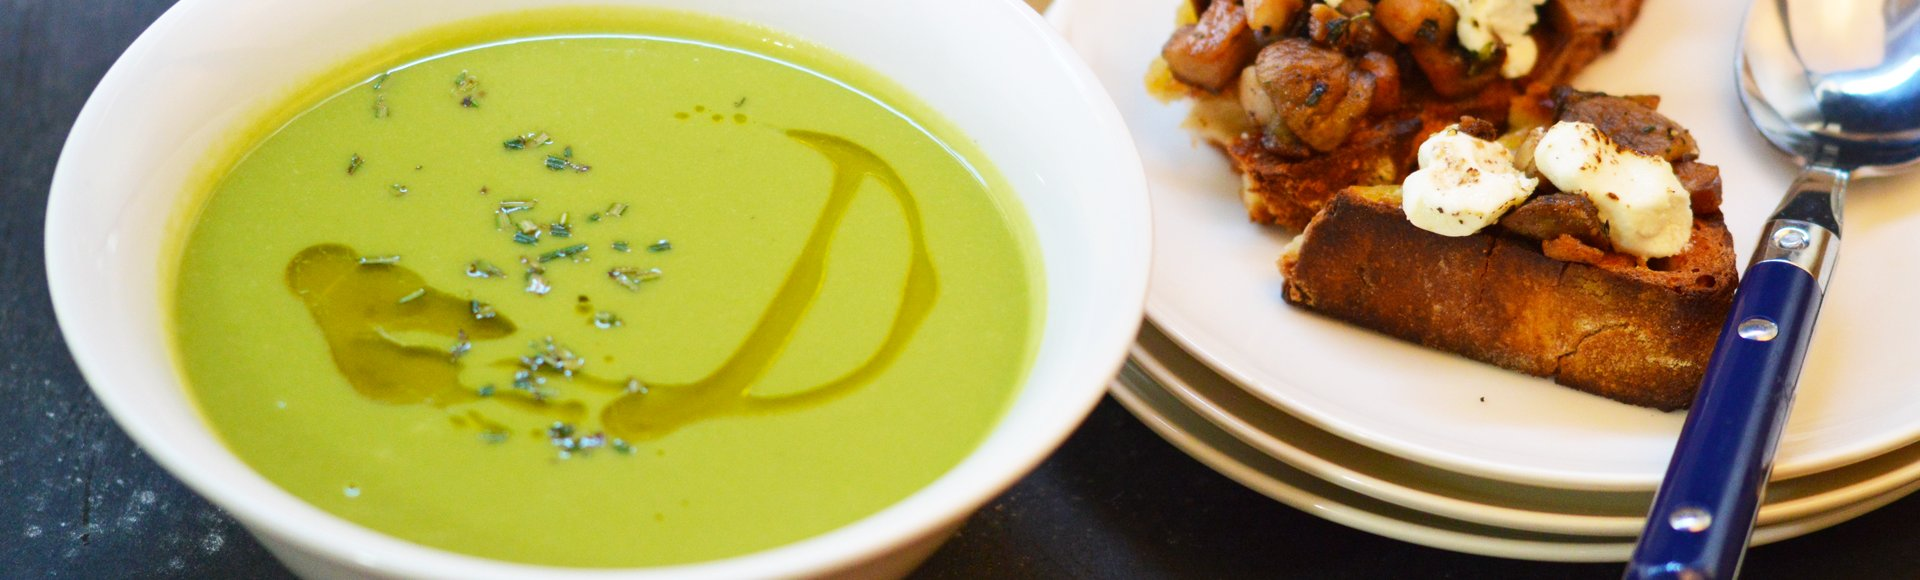 Σούπα από αρακά & μπρουσκέτα με απάκι